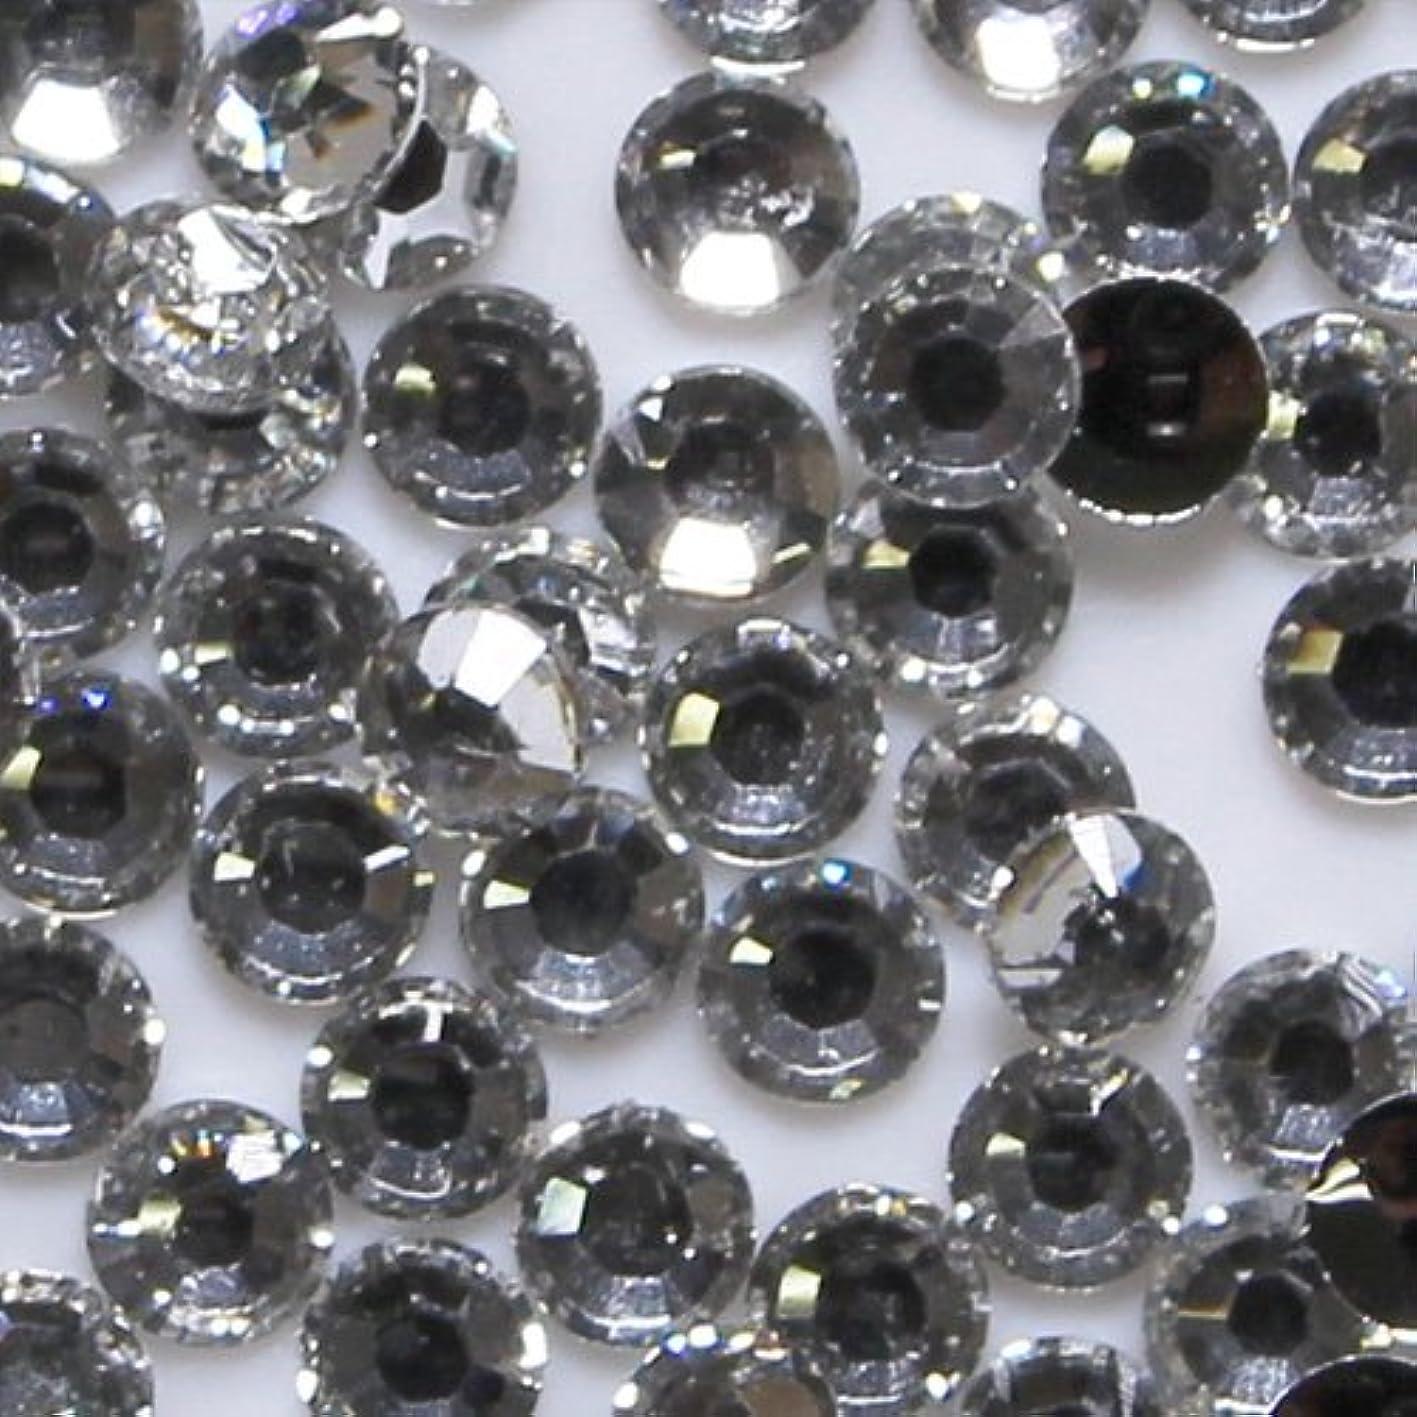 艦隊証言するチート高品質 アクリルストーン ラインストーン ラウンドフラット 約1000粒入り 3mm ダイヤモンド